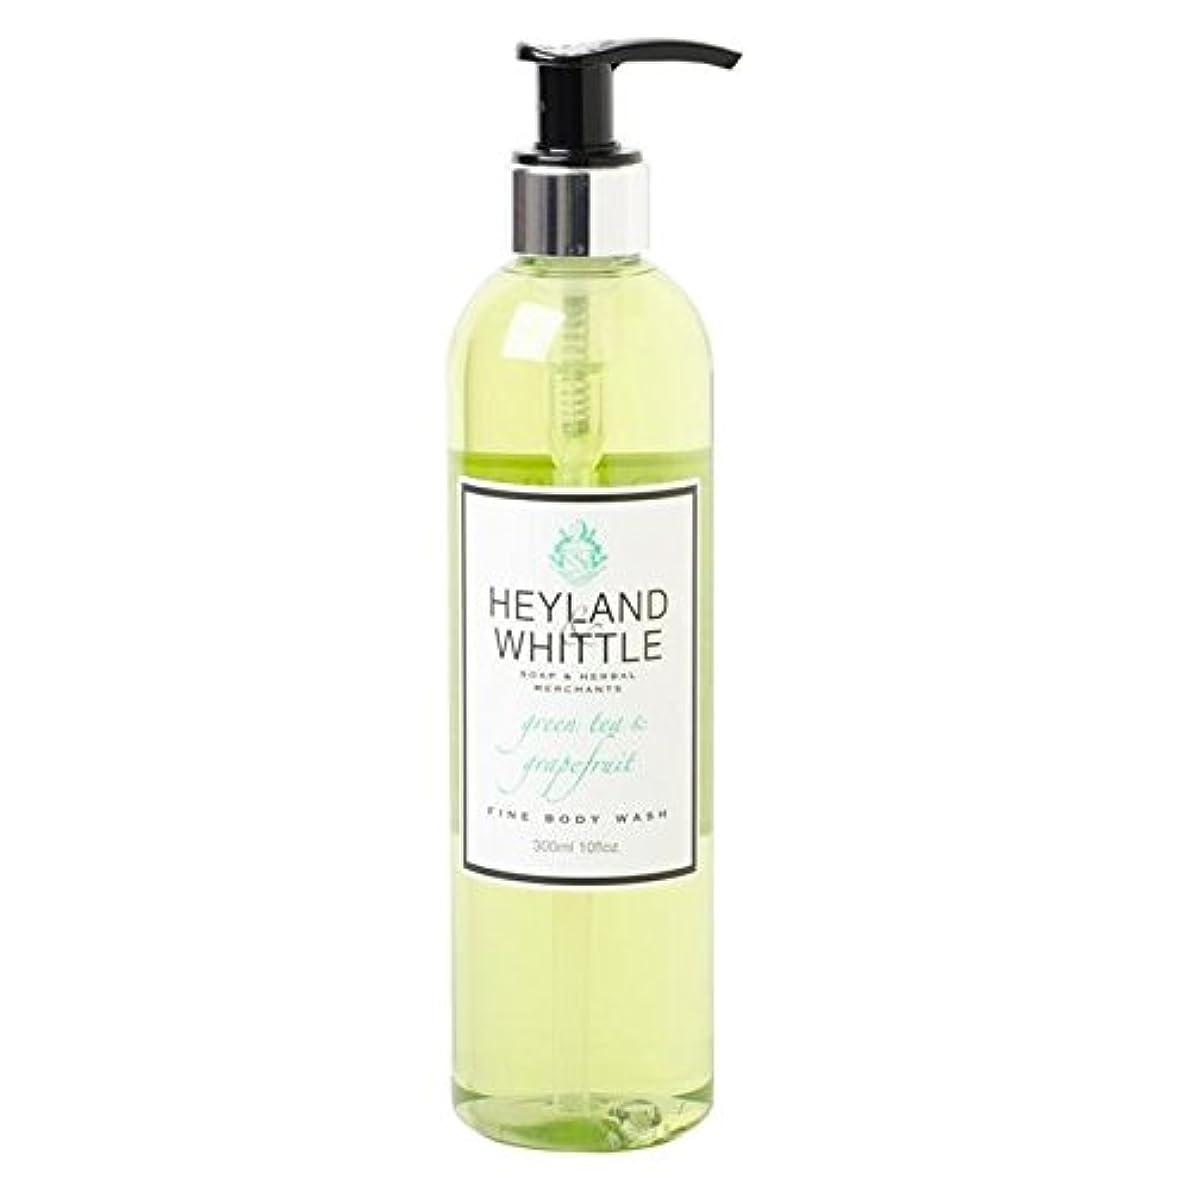 加入マカダム真面目なHeyland & Whittle Greentea & Grapefruit Body Wash 300ml (Pack of 6) - &削るグリーンティ&グレープフルーツボディウォッシュ300ミリリットル x6 [...